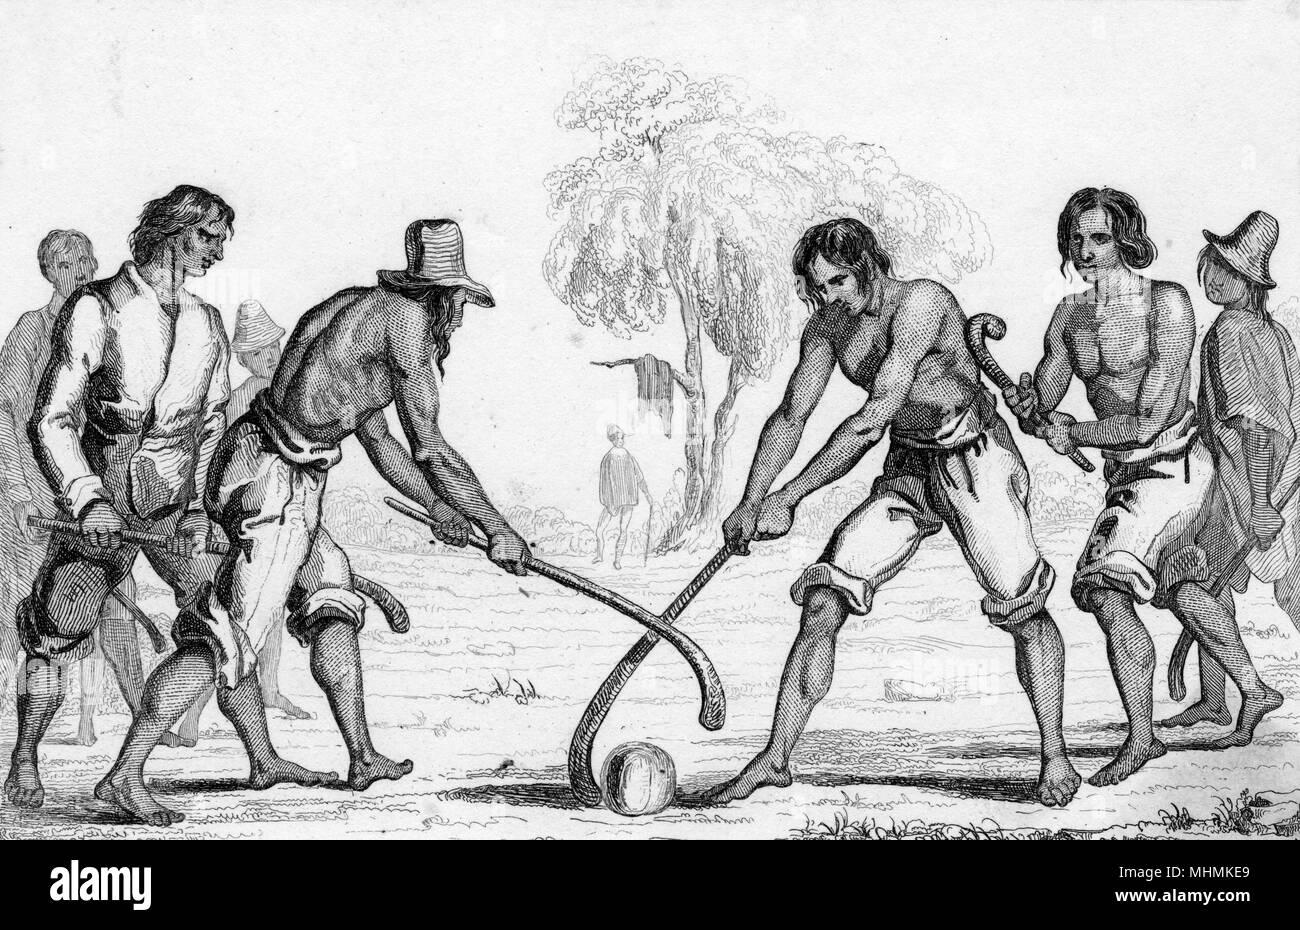 Cileni giocano un prima forma di hockey. Data: circa 1835 Immagini Stock